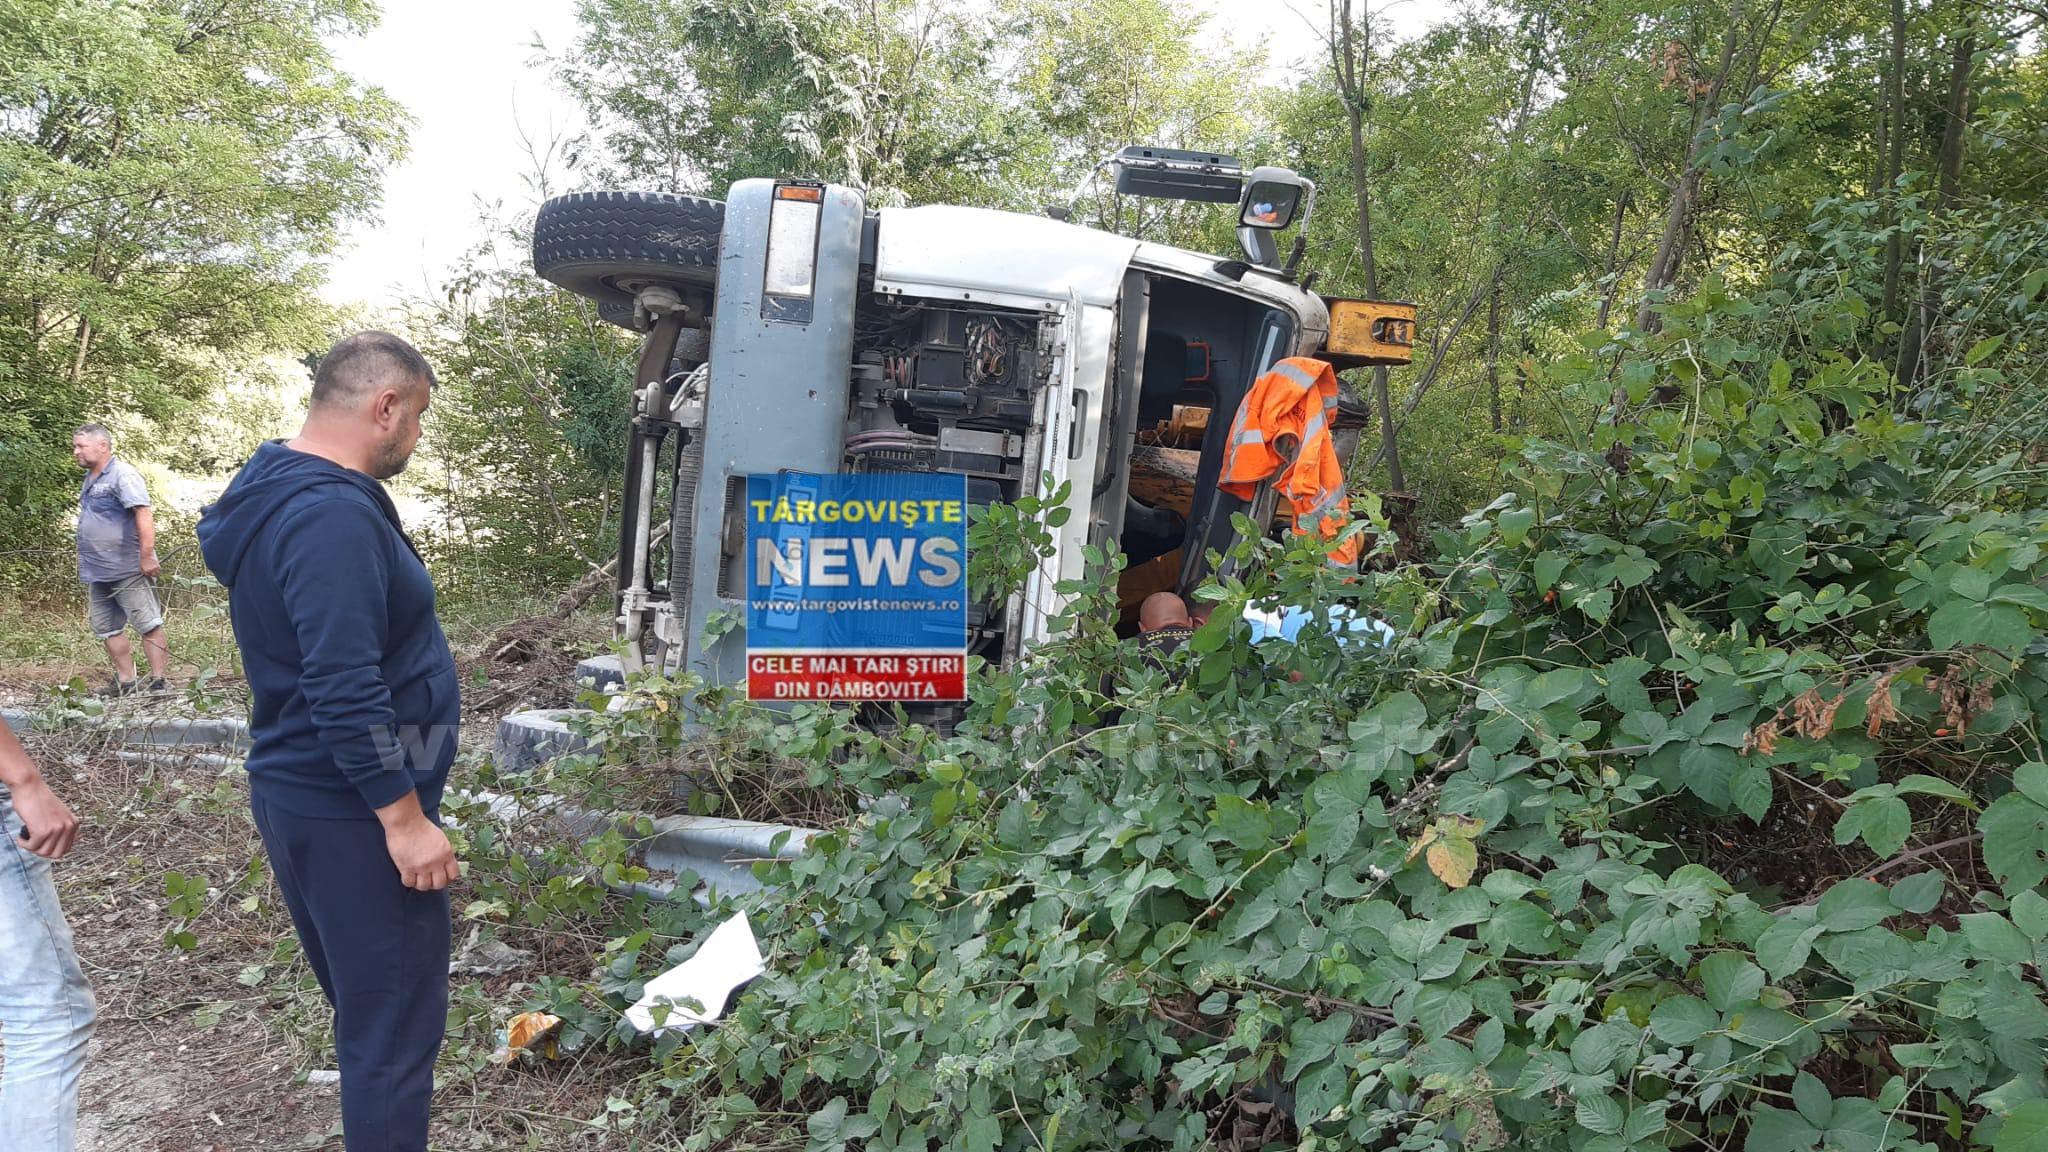 ACUM – O betonieră s-a răsturnat pe drumul de la Butoiu de Sus, în Hulubeşti. Şoferul, încarcerat